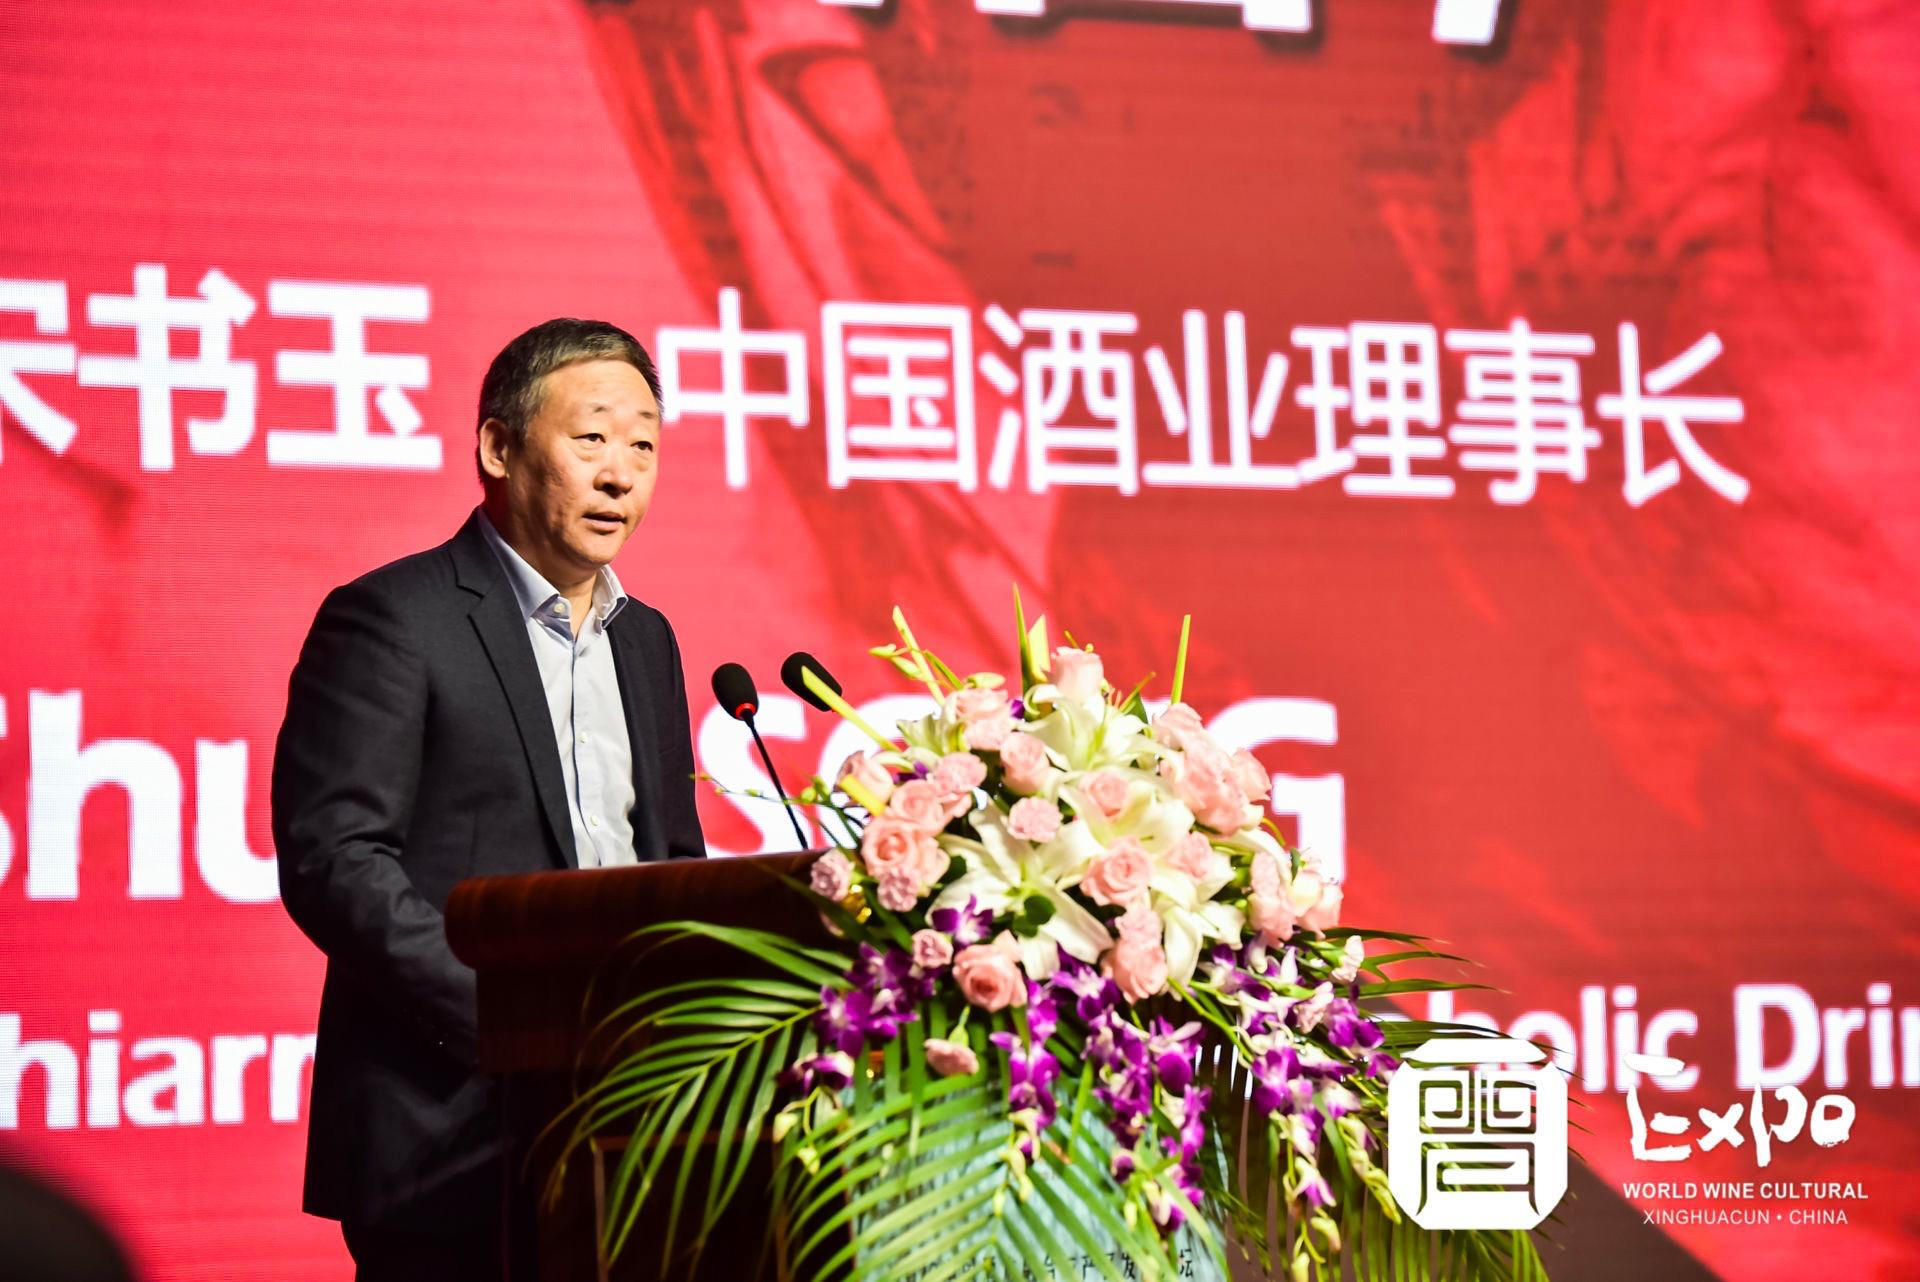 宋书玉:产区文化、产区品牌已成为白酒文化核心力量